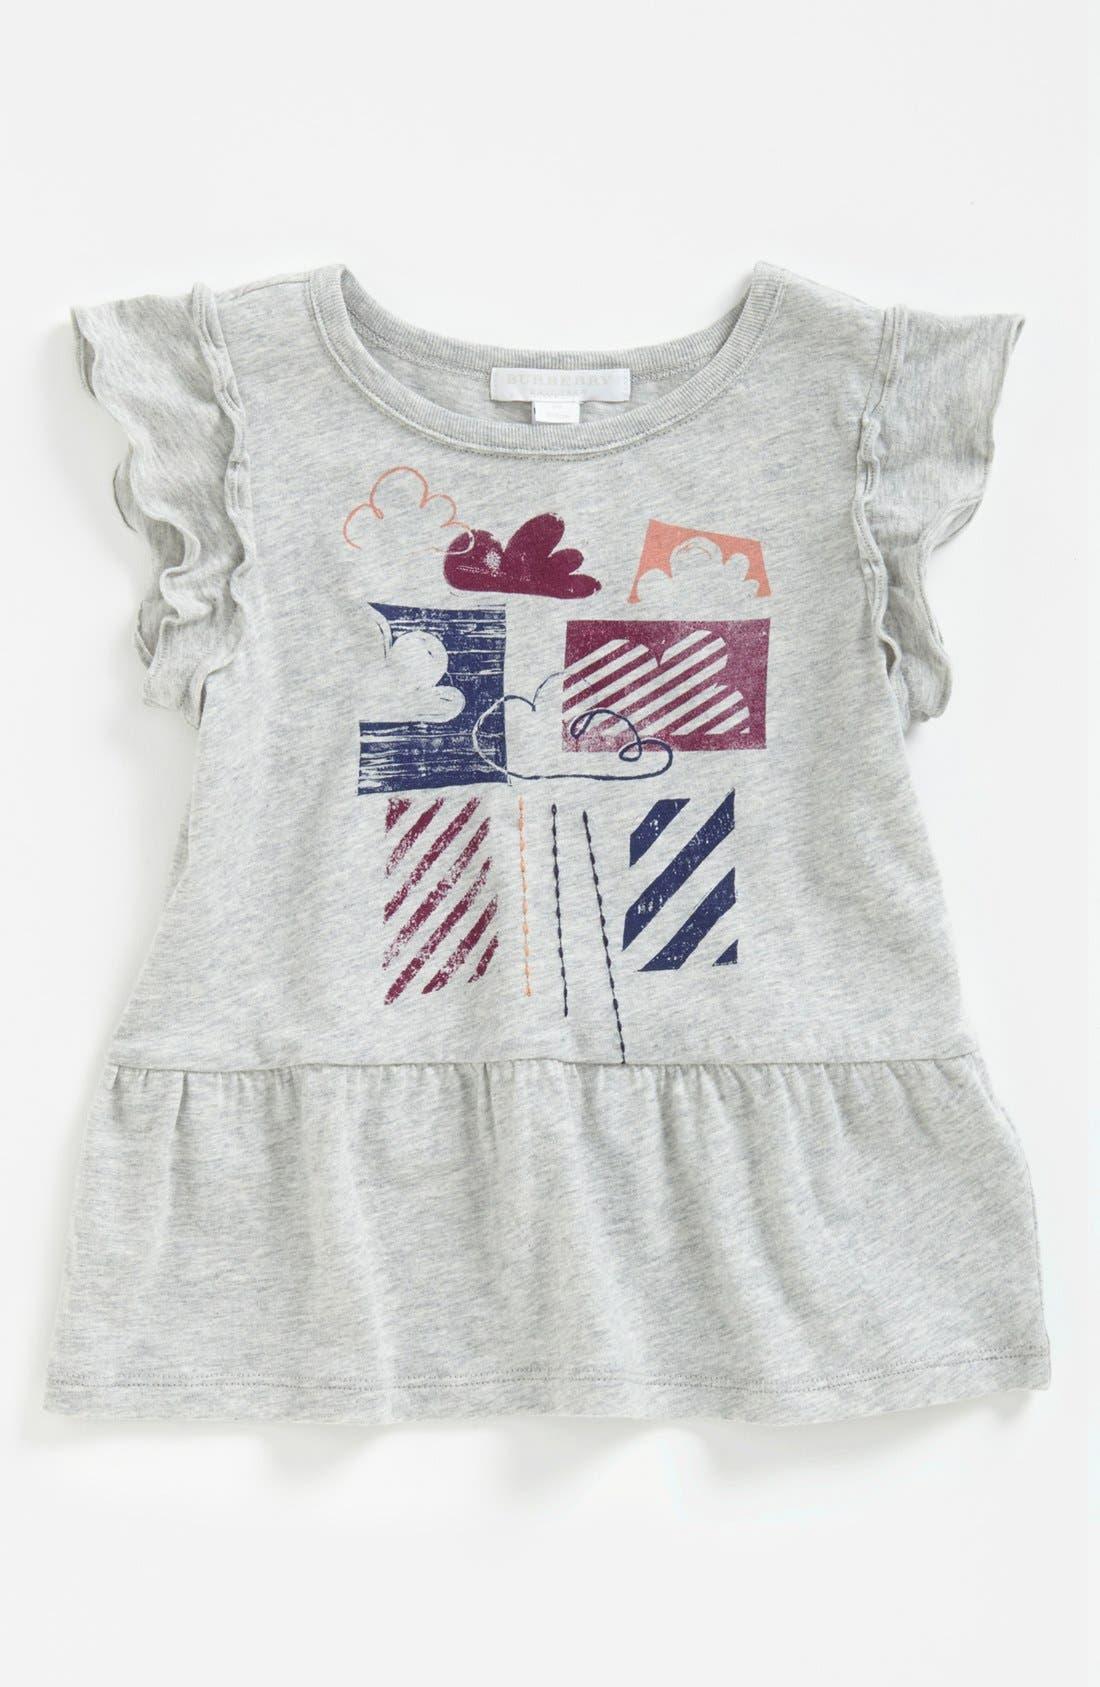 Alternate Image 1 Selected - Burberry 'Cloudy' Peplum Ruffle Top (Toddler Girls, Little Girls & Big Girls)